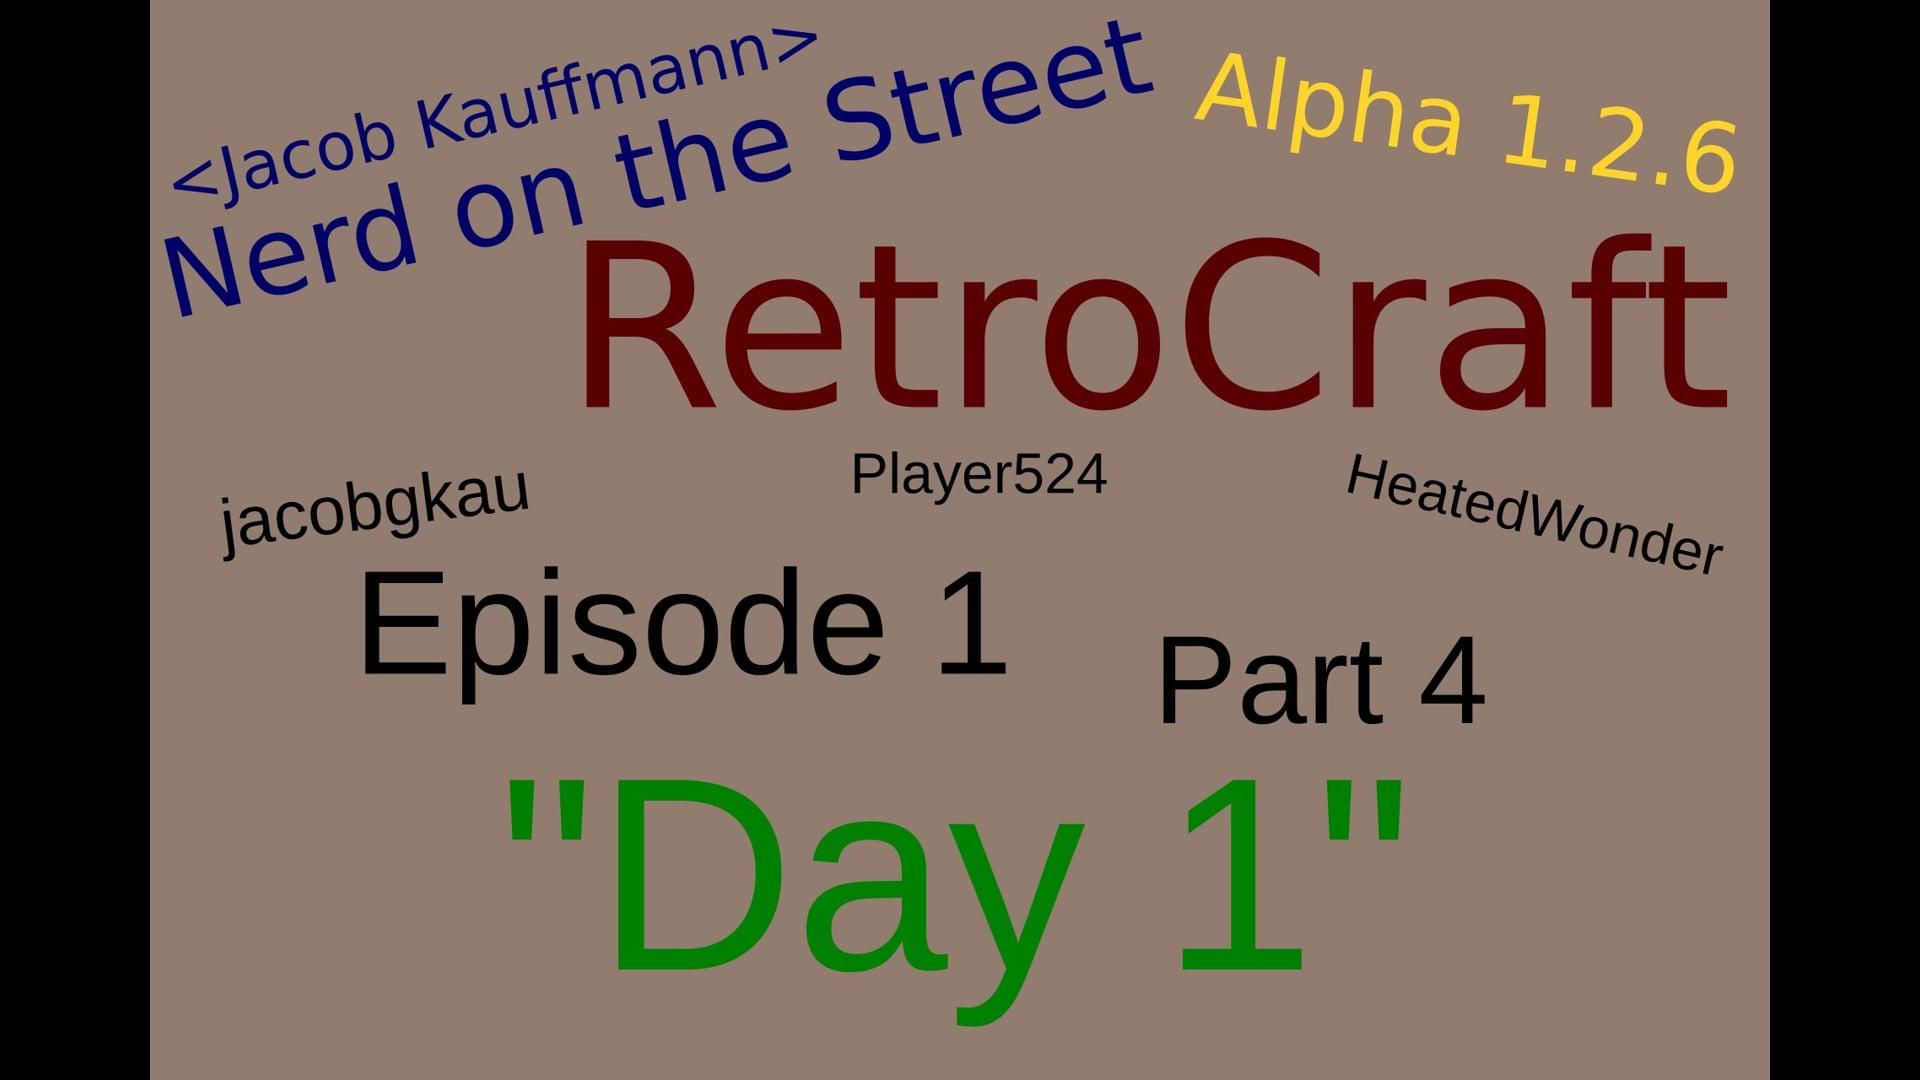 Day 1 - Part 4 - RetroCraft